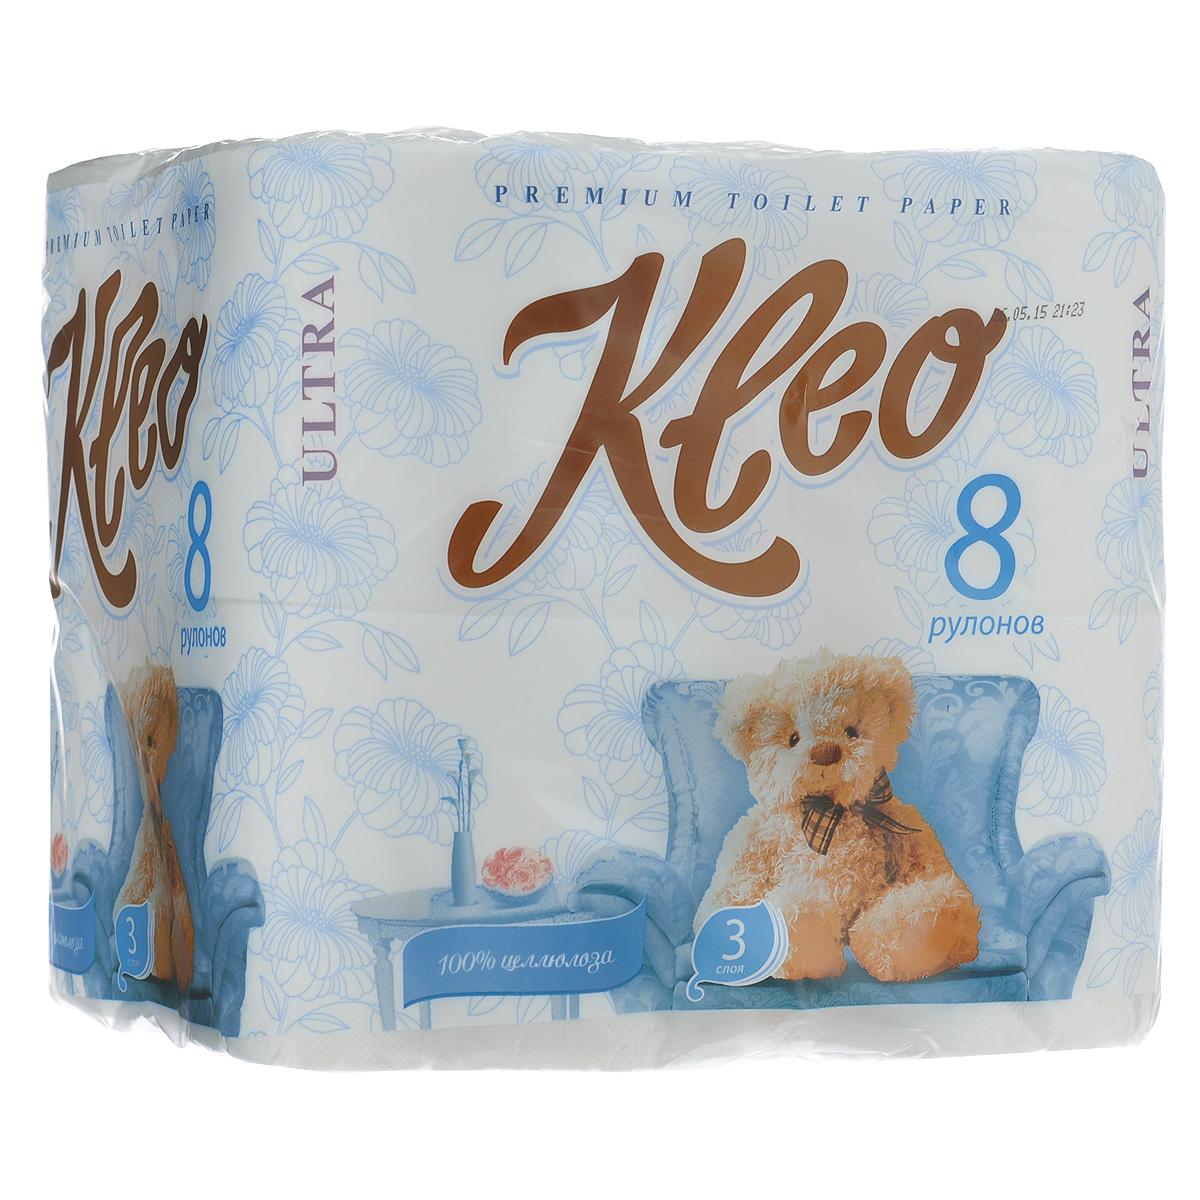 """Трехслойная туалетная бумага Мягкий знак """"Kleo Ultra"""", выполненная из натуральной целлюлозы с тиснением в виде бабочек, обеспечивает превосходный комфорт и ощущение чистоты и свежести. Она отличается необыкновенной мягкостью и прочностью. Бумага хорошо перфорирована, не расслаивается и отрывается строго по просечке.  Состав: 100% целлюлоза.  Размер листа: 12,5 см х 9,6 см.  Количество листов: 168 шт."""